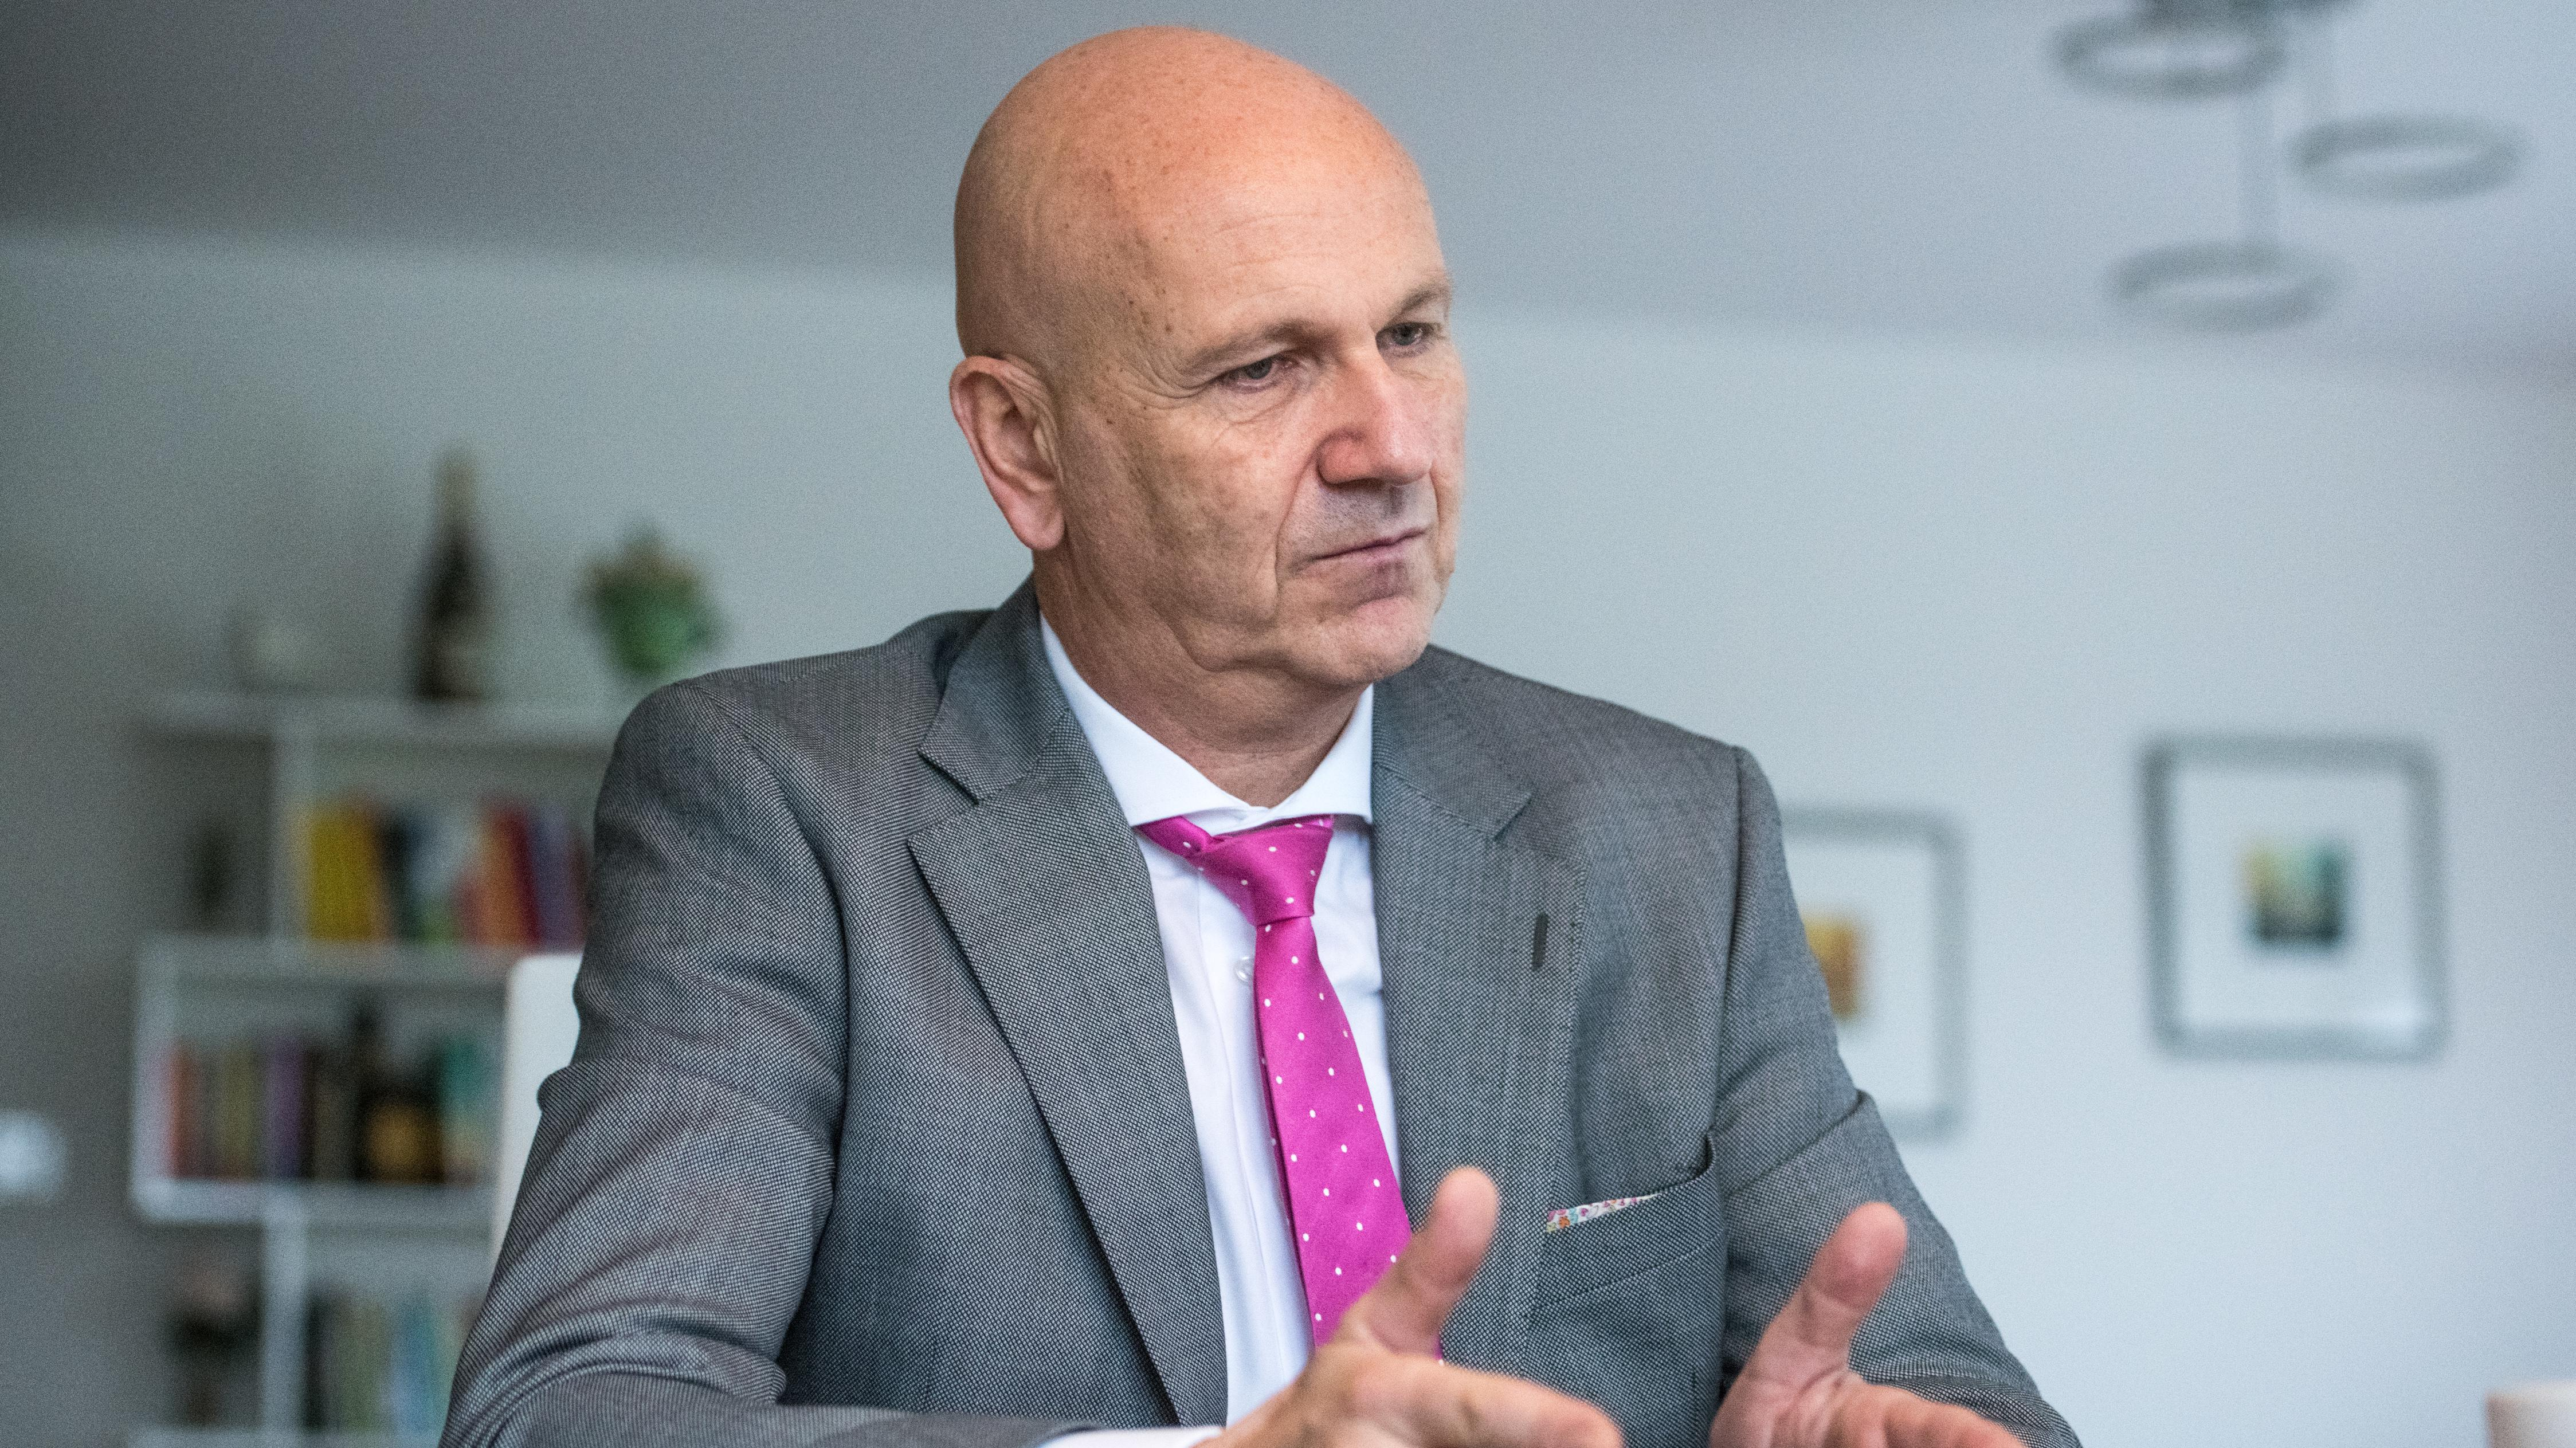 CSU-Politiker Uwe Brandl sitzt an seinem Schreibtisch und ist im Gespräch